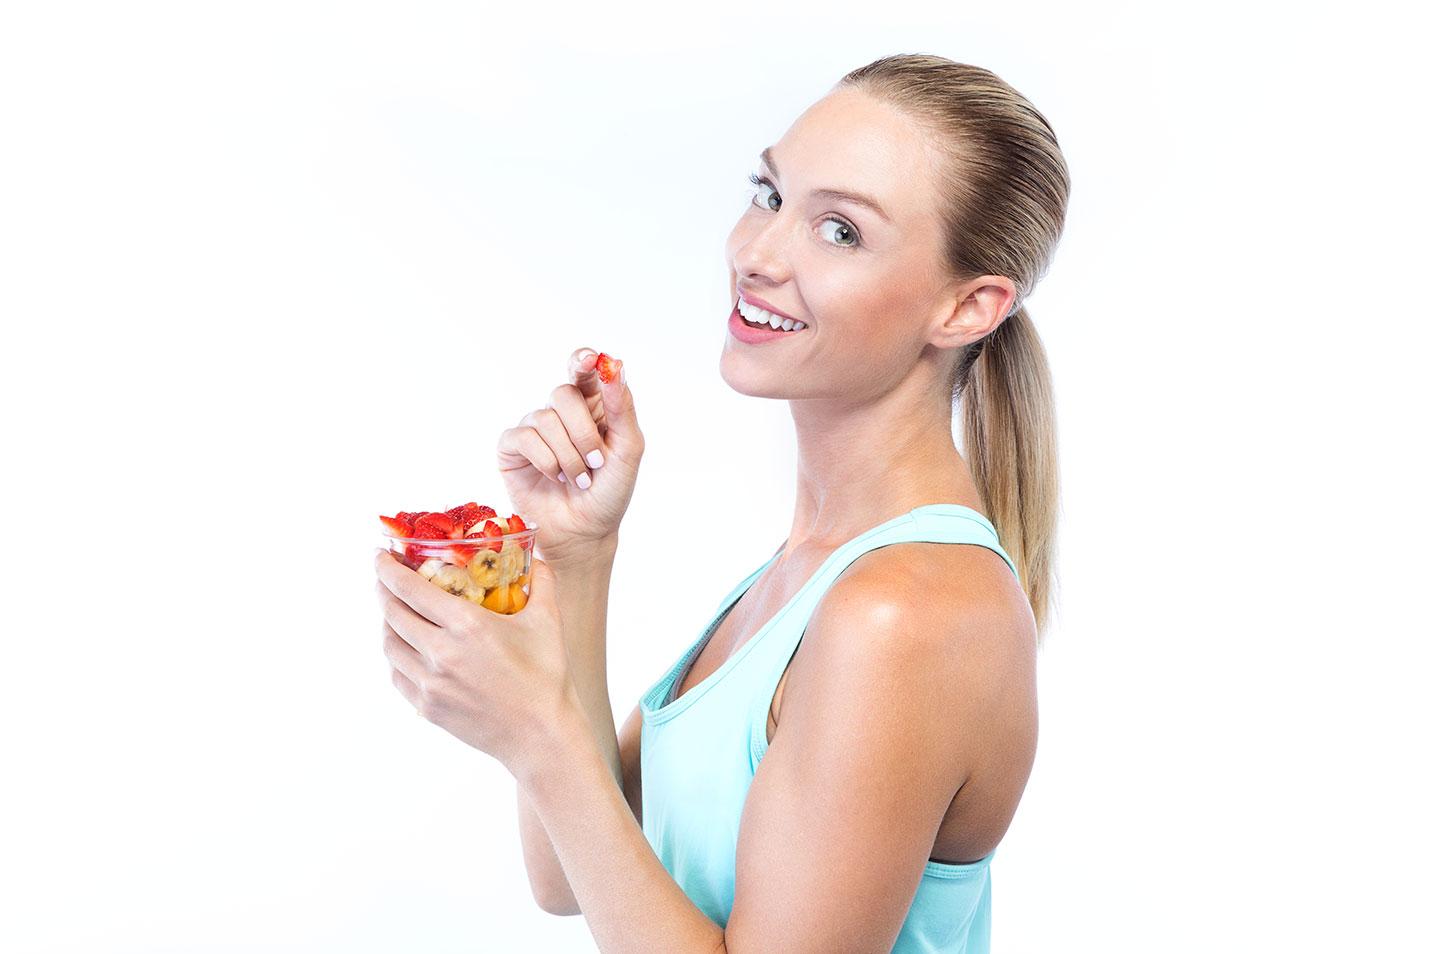 Похудеть без вреда организма